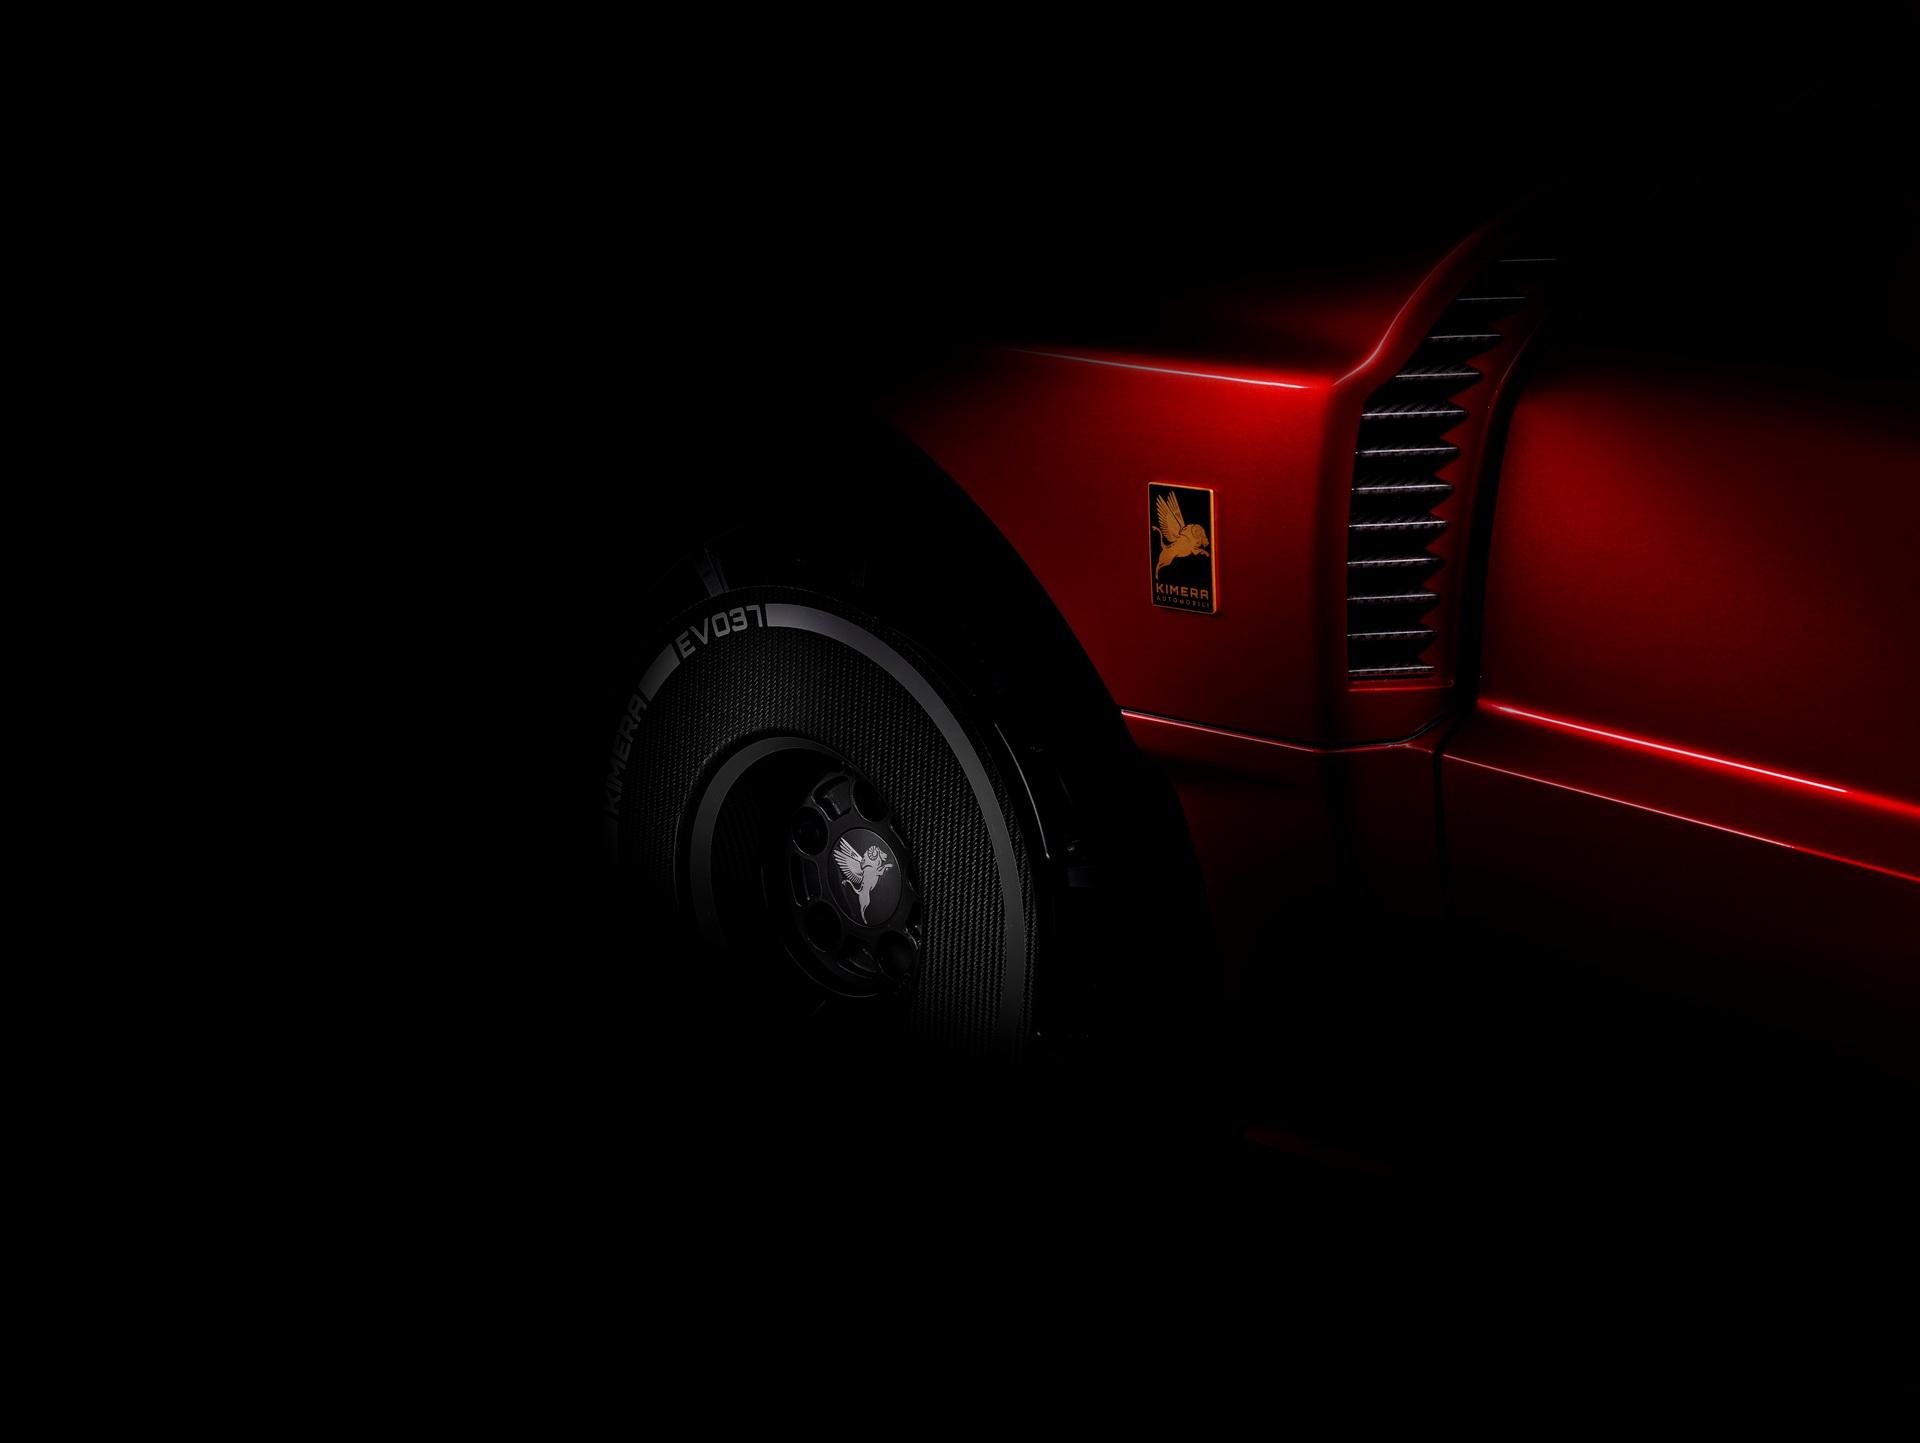 Ιταλικός οίκος θέλει να κατασκευάσει τη σύγχρονη εκδοχή της θρυλικής Lancia 037 (video)